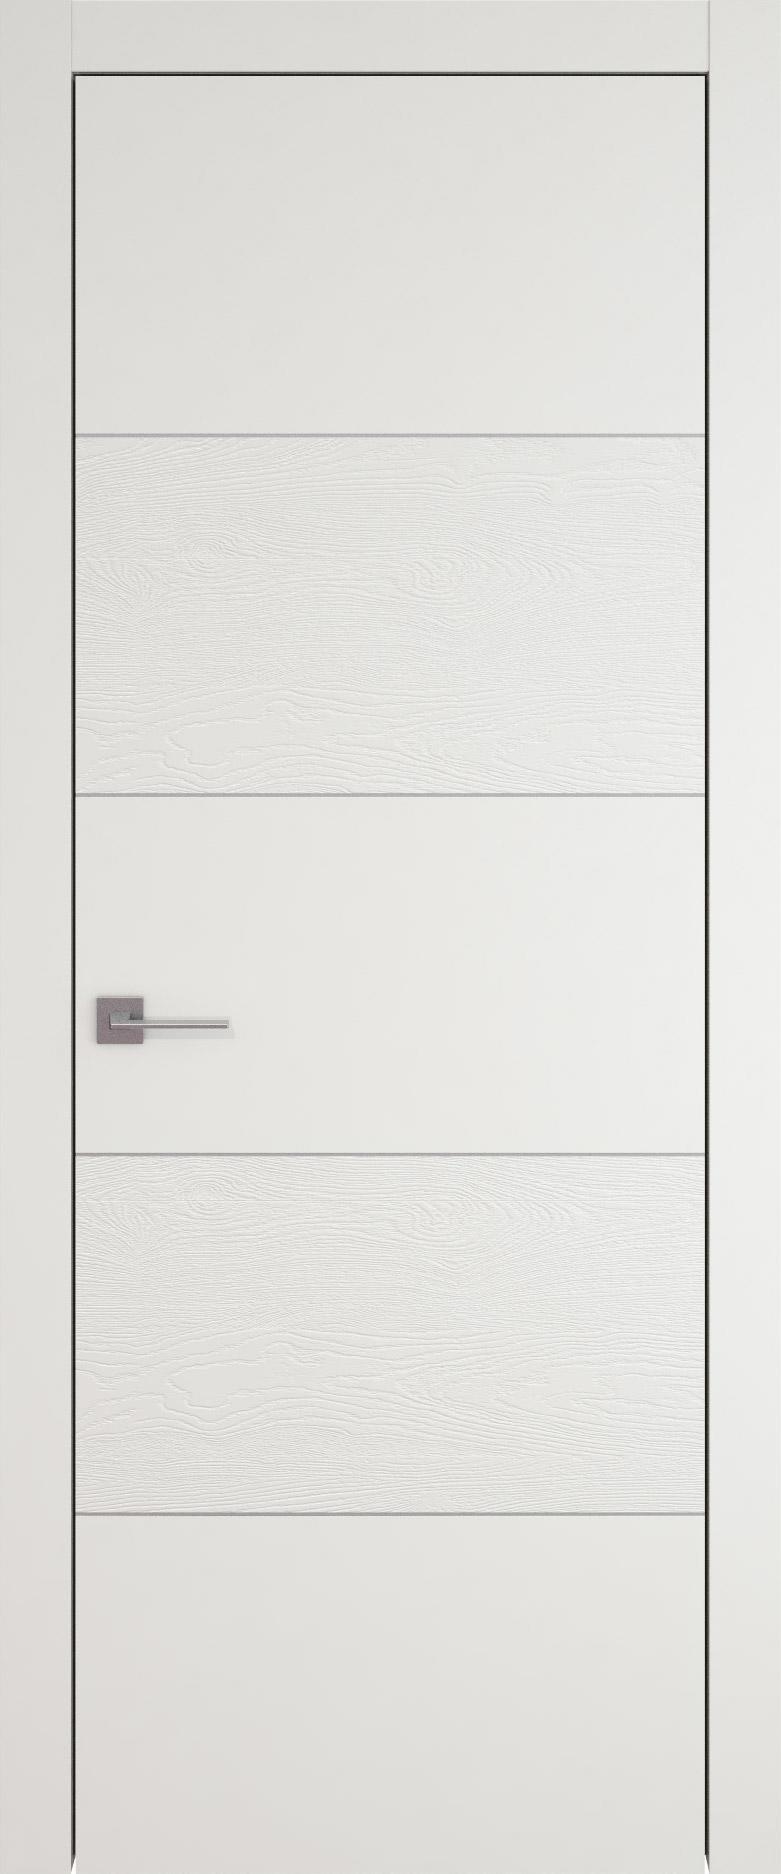 Tivoli Д-2 цвет - Бежевая эмаль-эмаль по шпону (RAL 9010) Без стекла (ДГ)